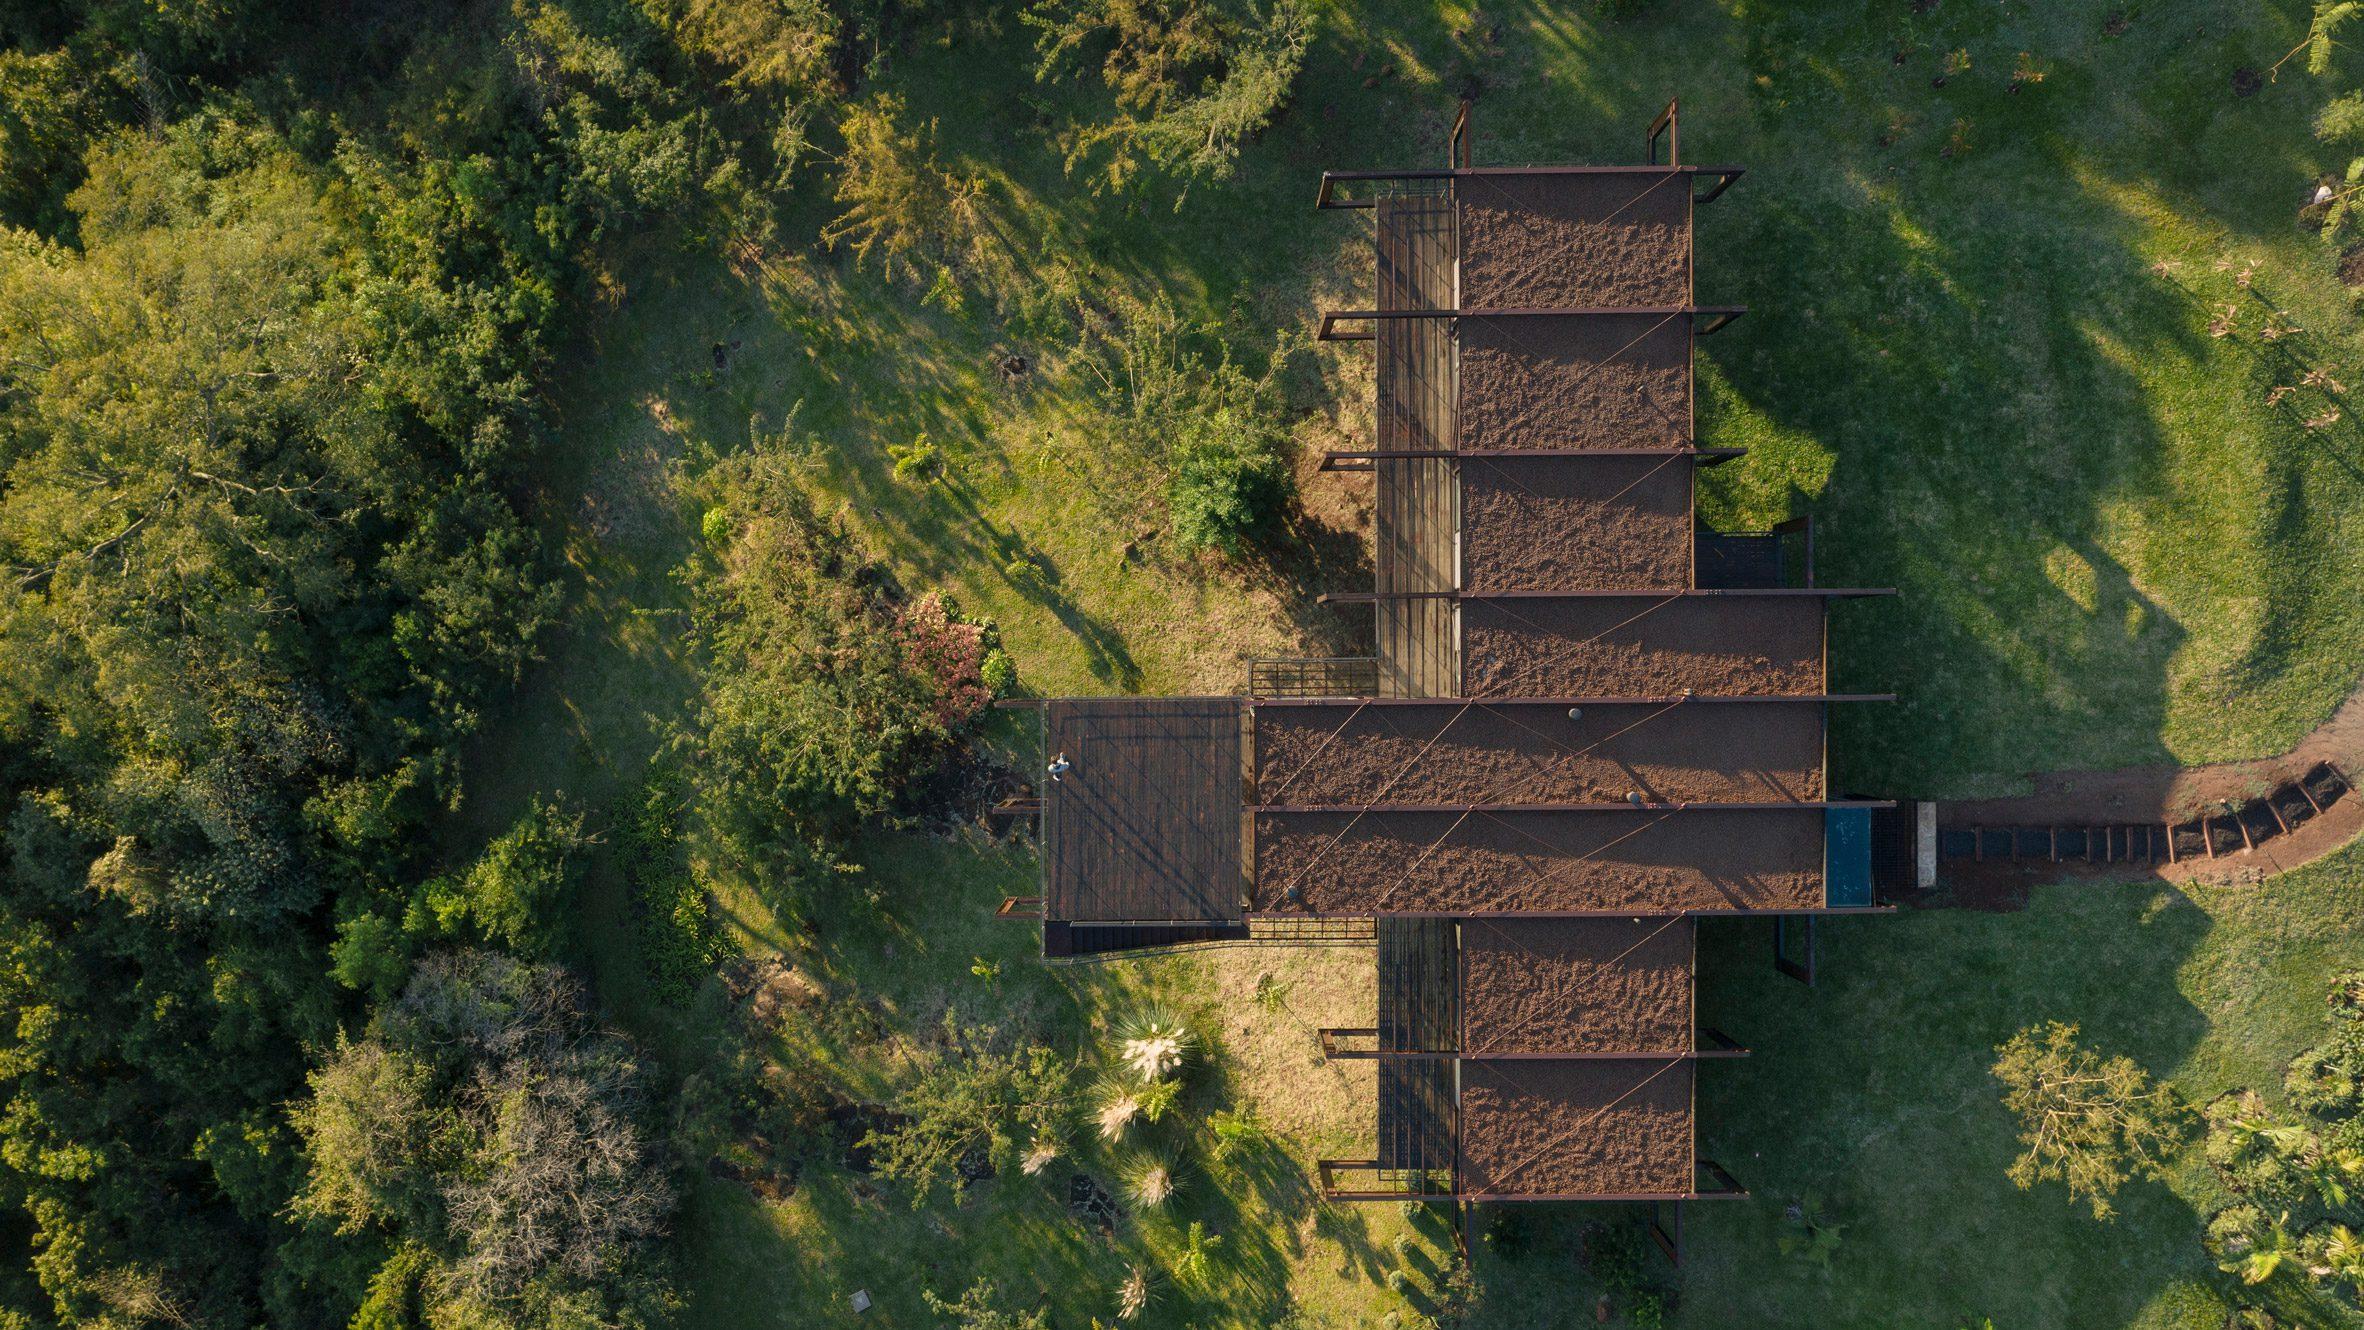 Cloud House by Bauen